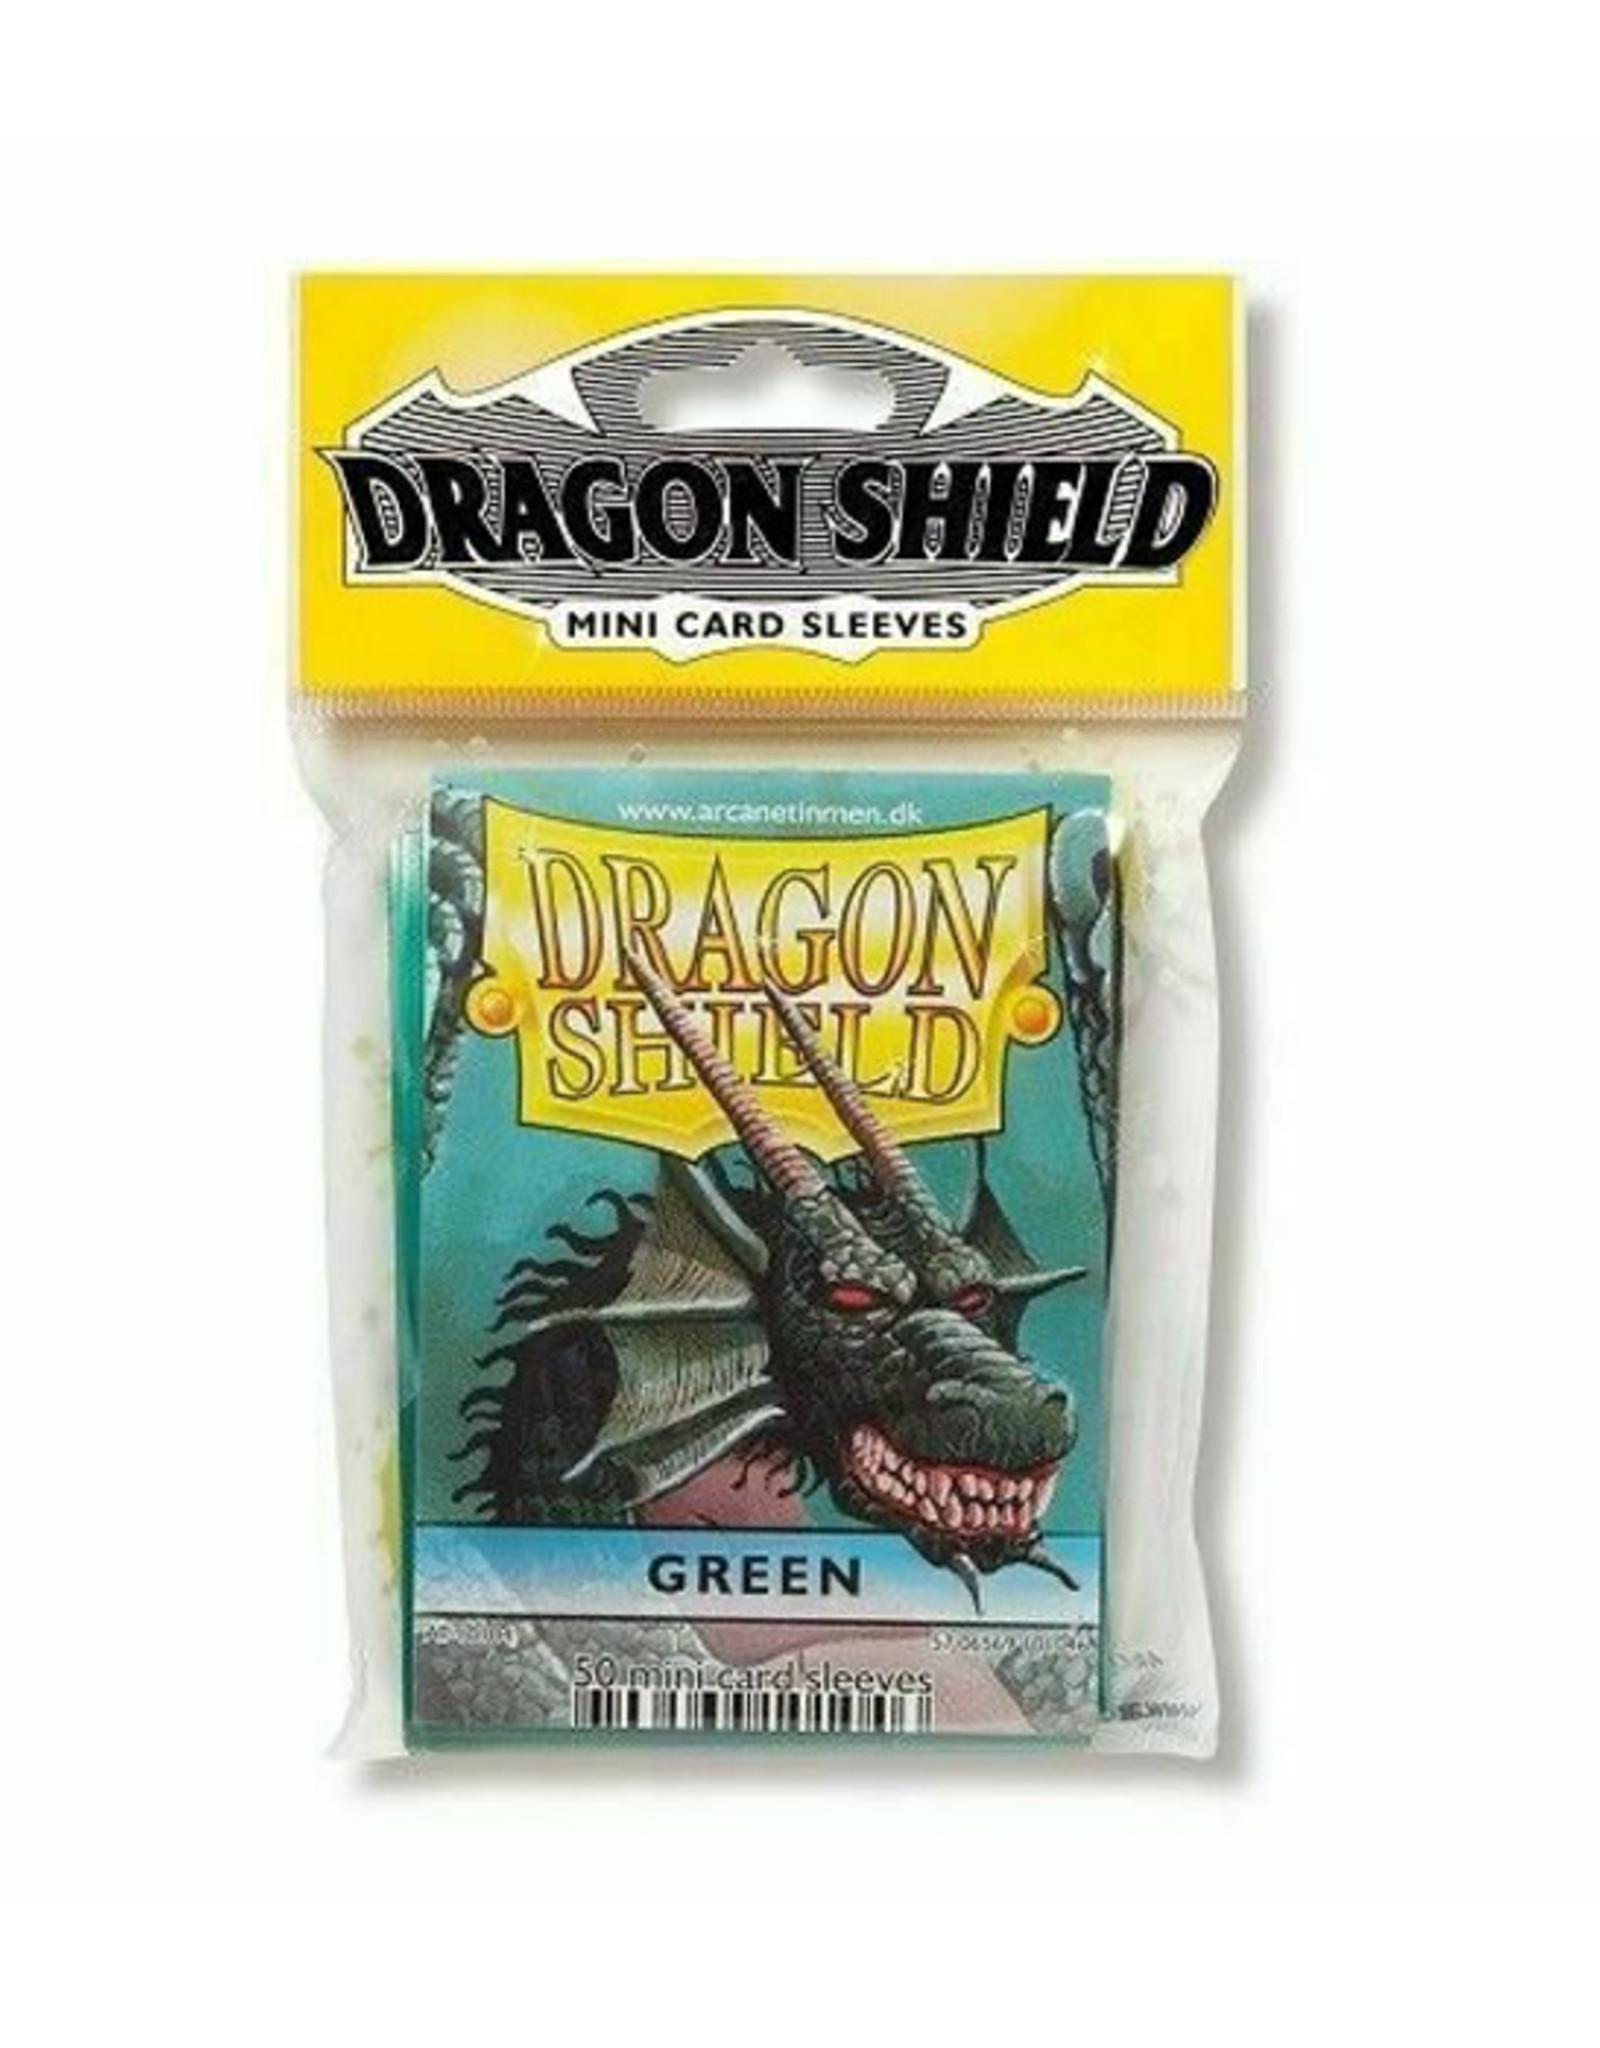 Dragon Shield Dragon Shield: Sleeves - Mini - Green (50)